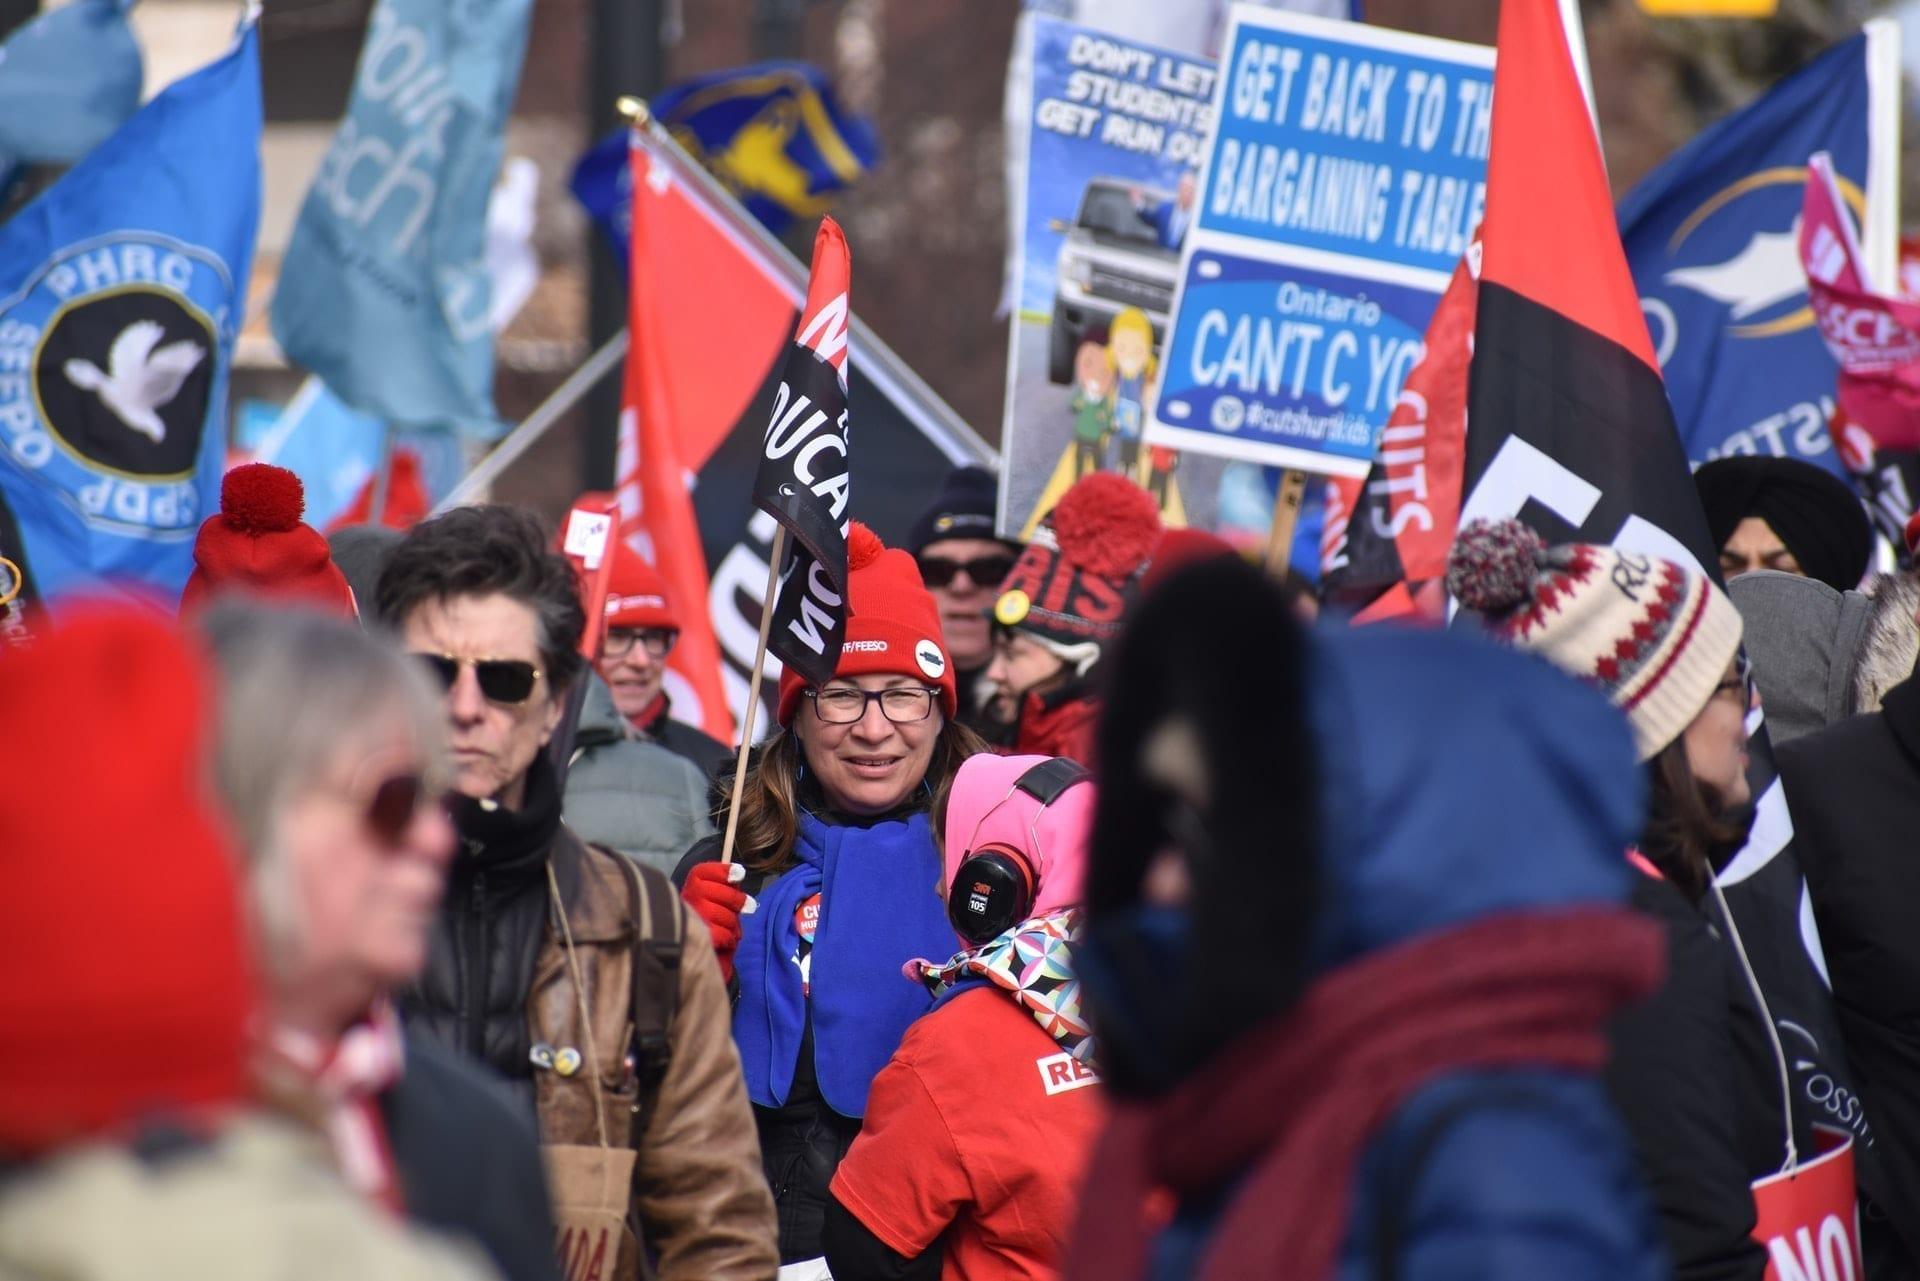 Imagem mostra protesto de trabalhadores